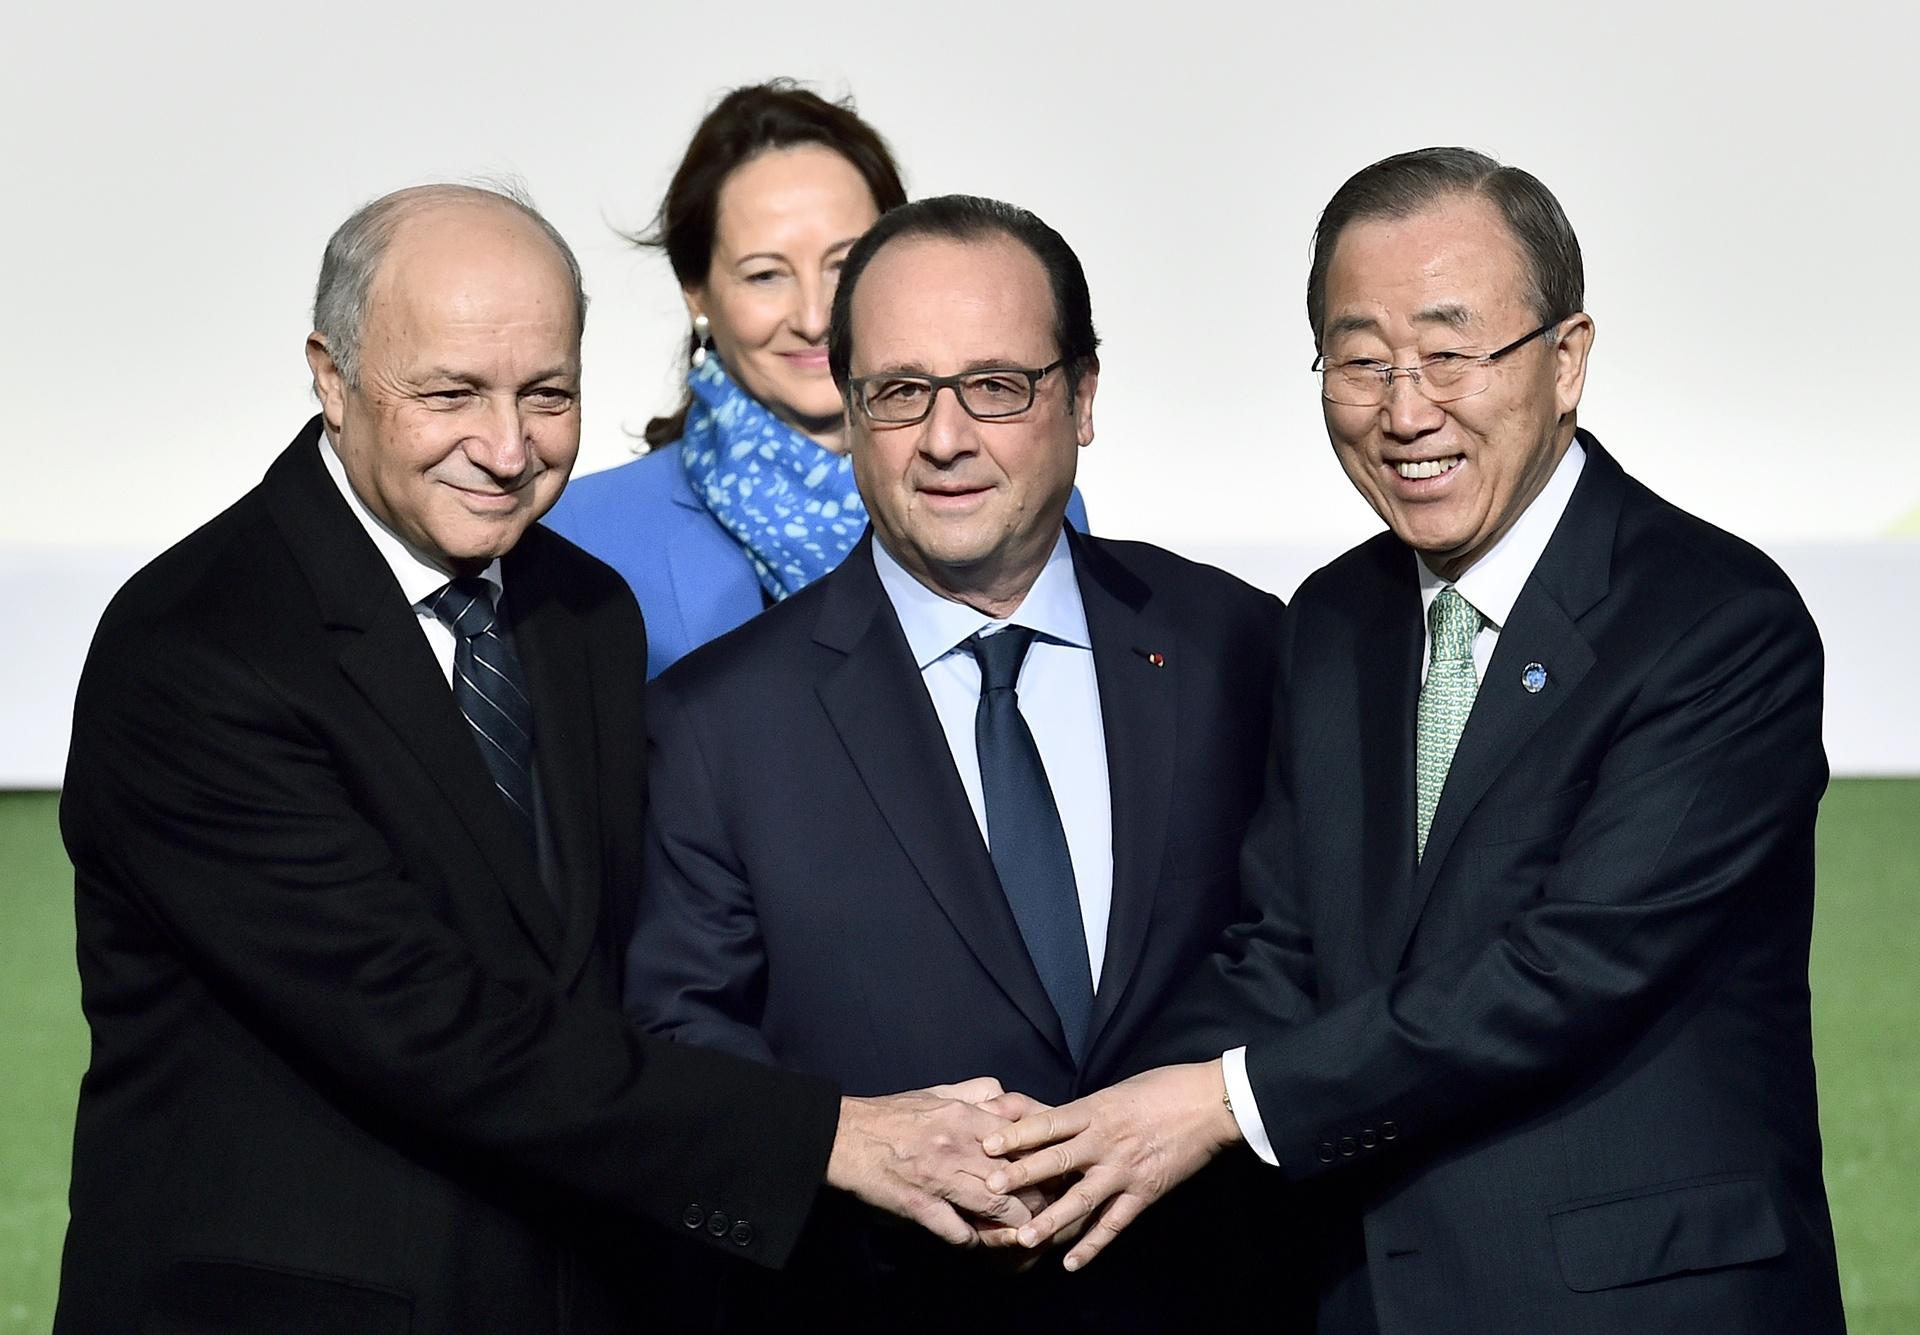 Il Presidente francese François Hollande,con il Segretario generale dell'Onu Bank Ki-moon e il Ministro degli Affari Esteri Laurent Fabius. Alle loro spalle il Ministro all'Ambiente Ségolène Royal / credits: Loic Venance - AP